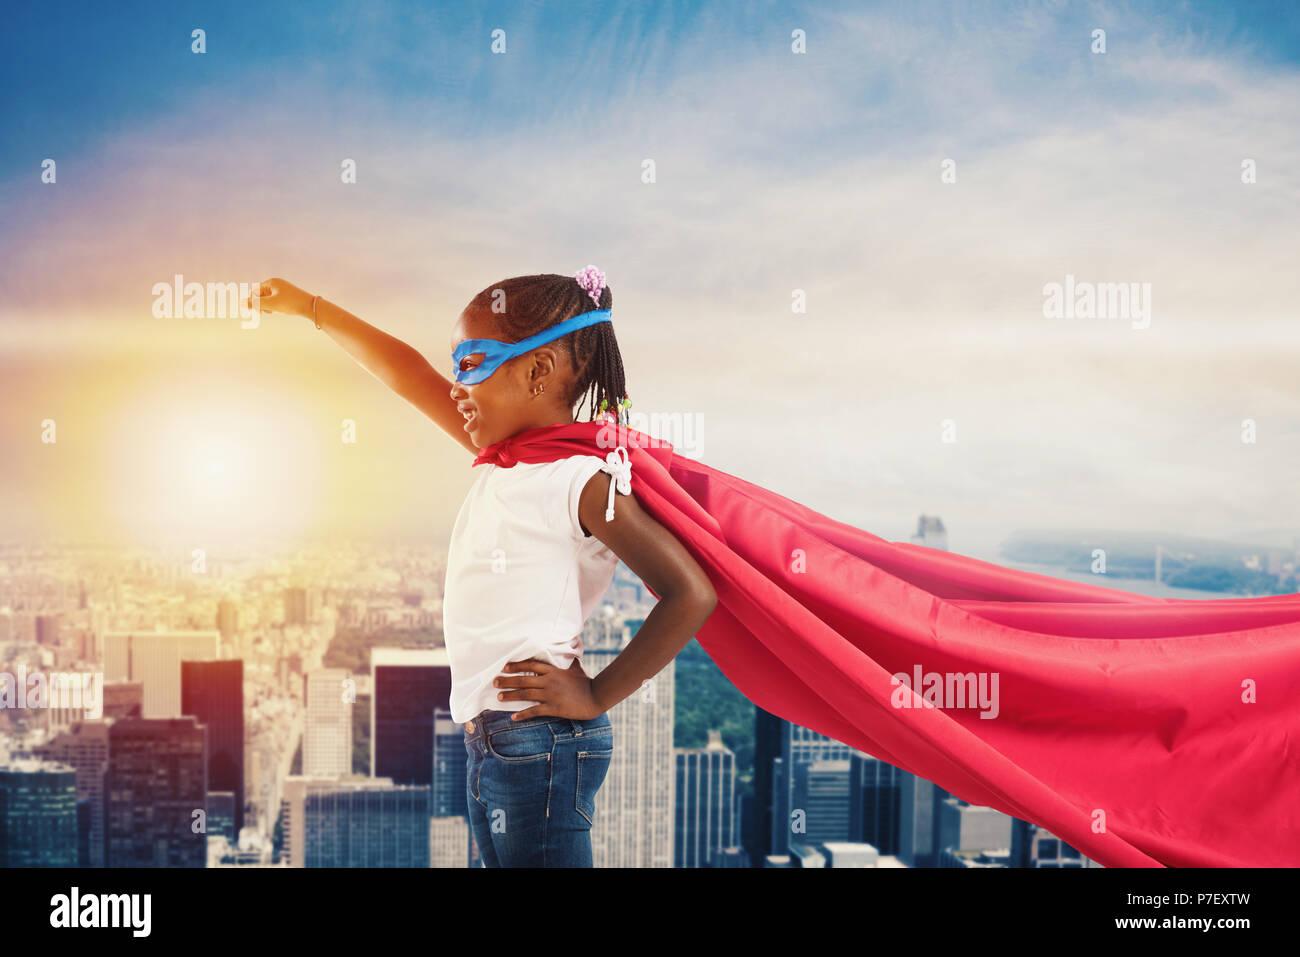 Niño actúa como un superhéroe para salvar el mundo Imagen De Stock